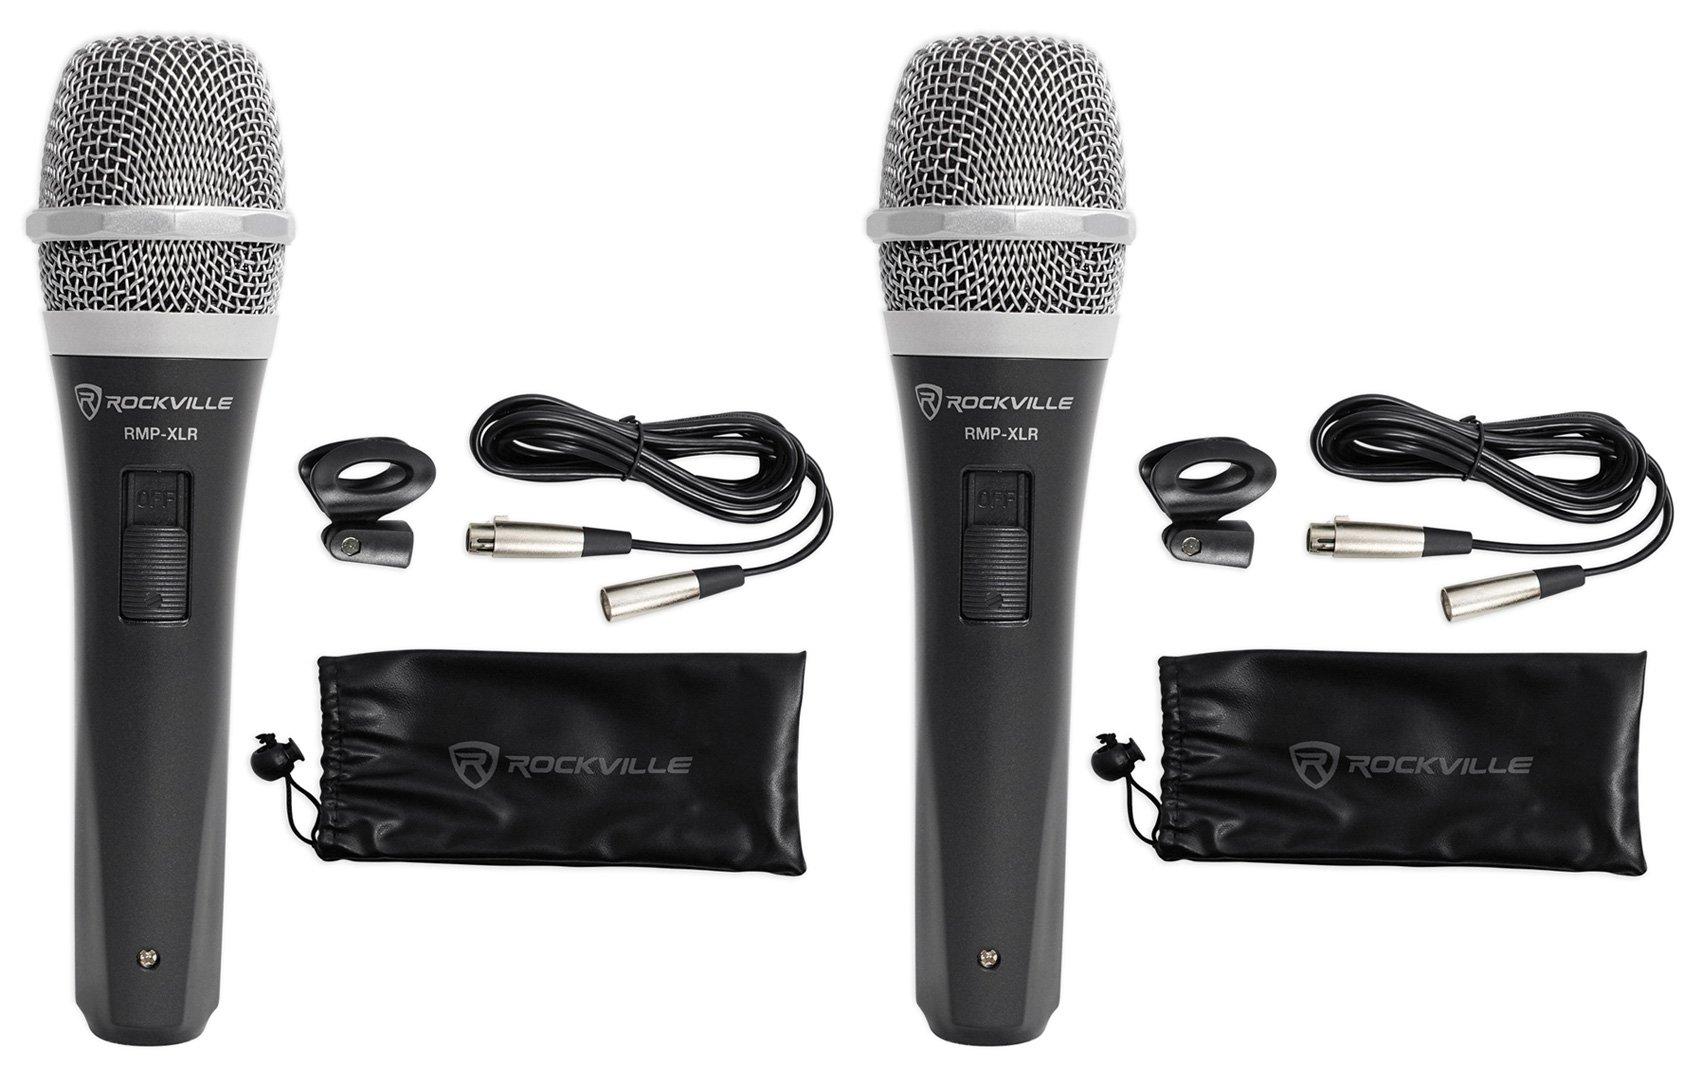 2 Rockville RMP-XLR Dynamic Cardioid Pro Microphones + 10' XLR Cables+2 Clips by Rockville